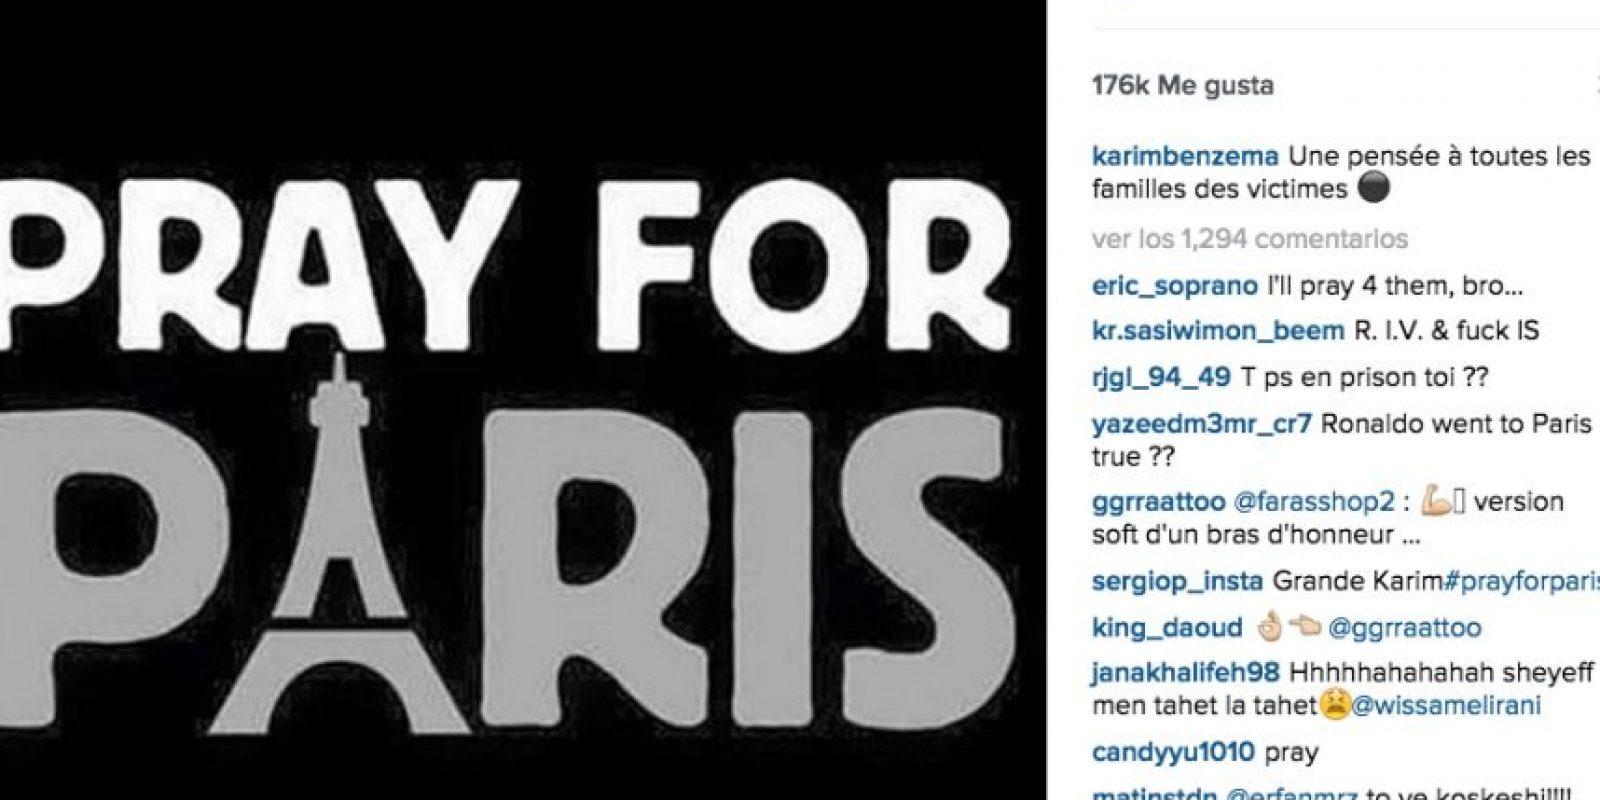 Karim Benzema: Un pensamiento para todos los familiares de las víctimas. Foto:Vía instagram.com/karimbenzema